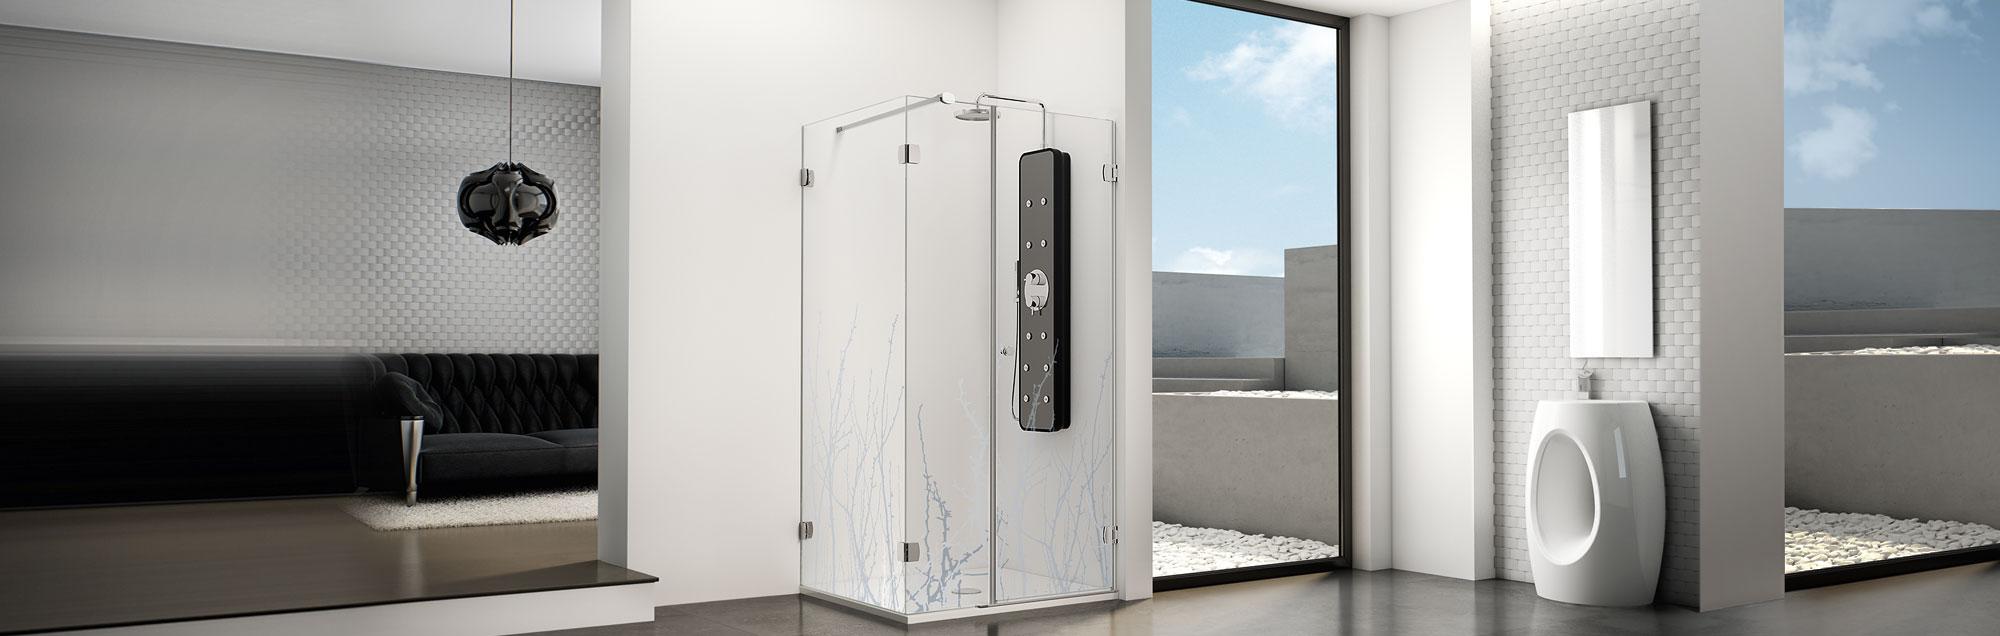 Mamparas abatibles para ducha y ba era a medida de profiltek - Mamparas a medida ...